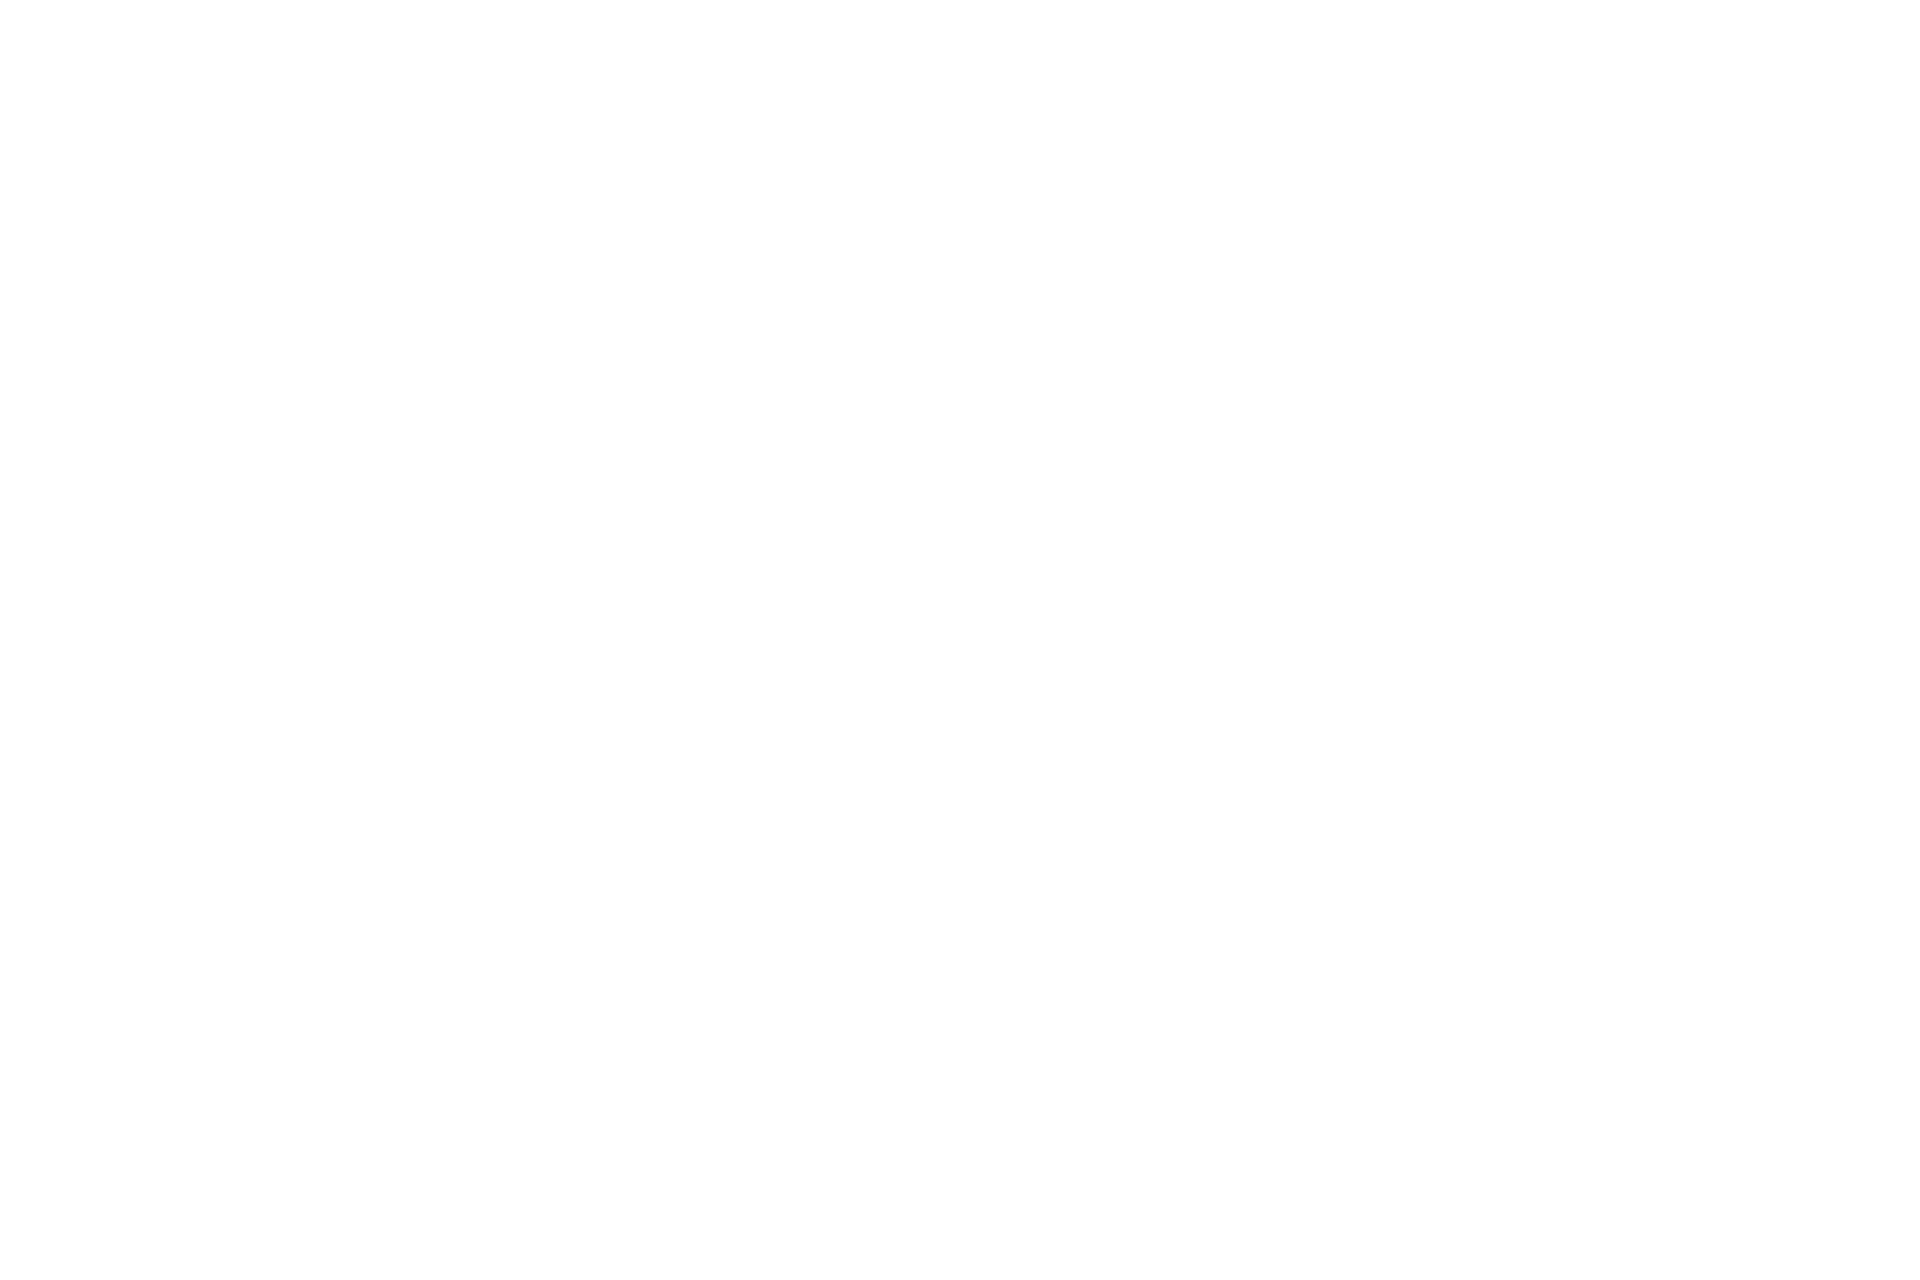 1. Dezember – Massagetag zugunsten des Netzwerk Berührung e.V.